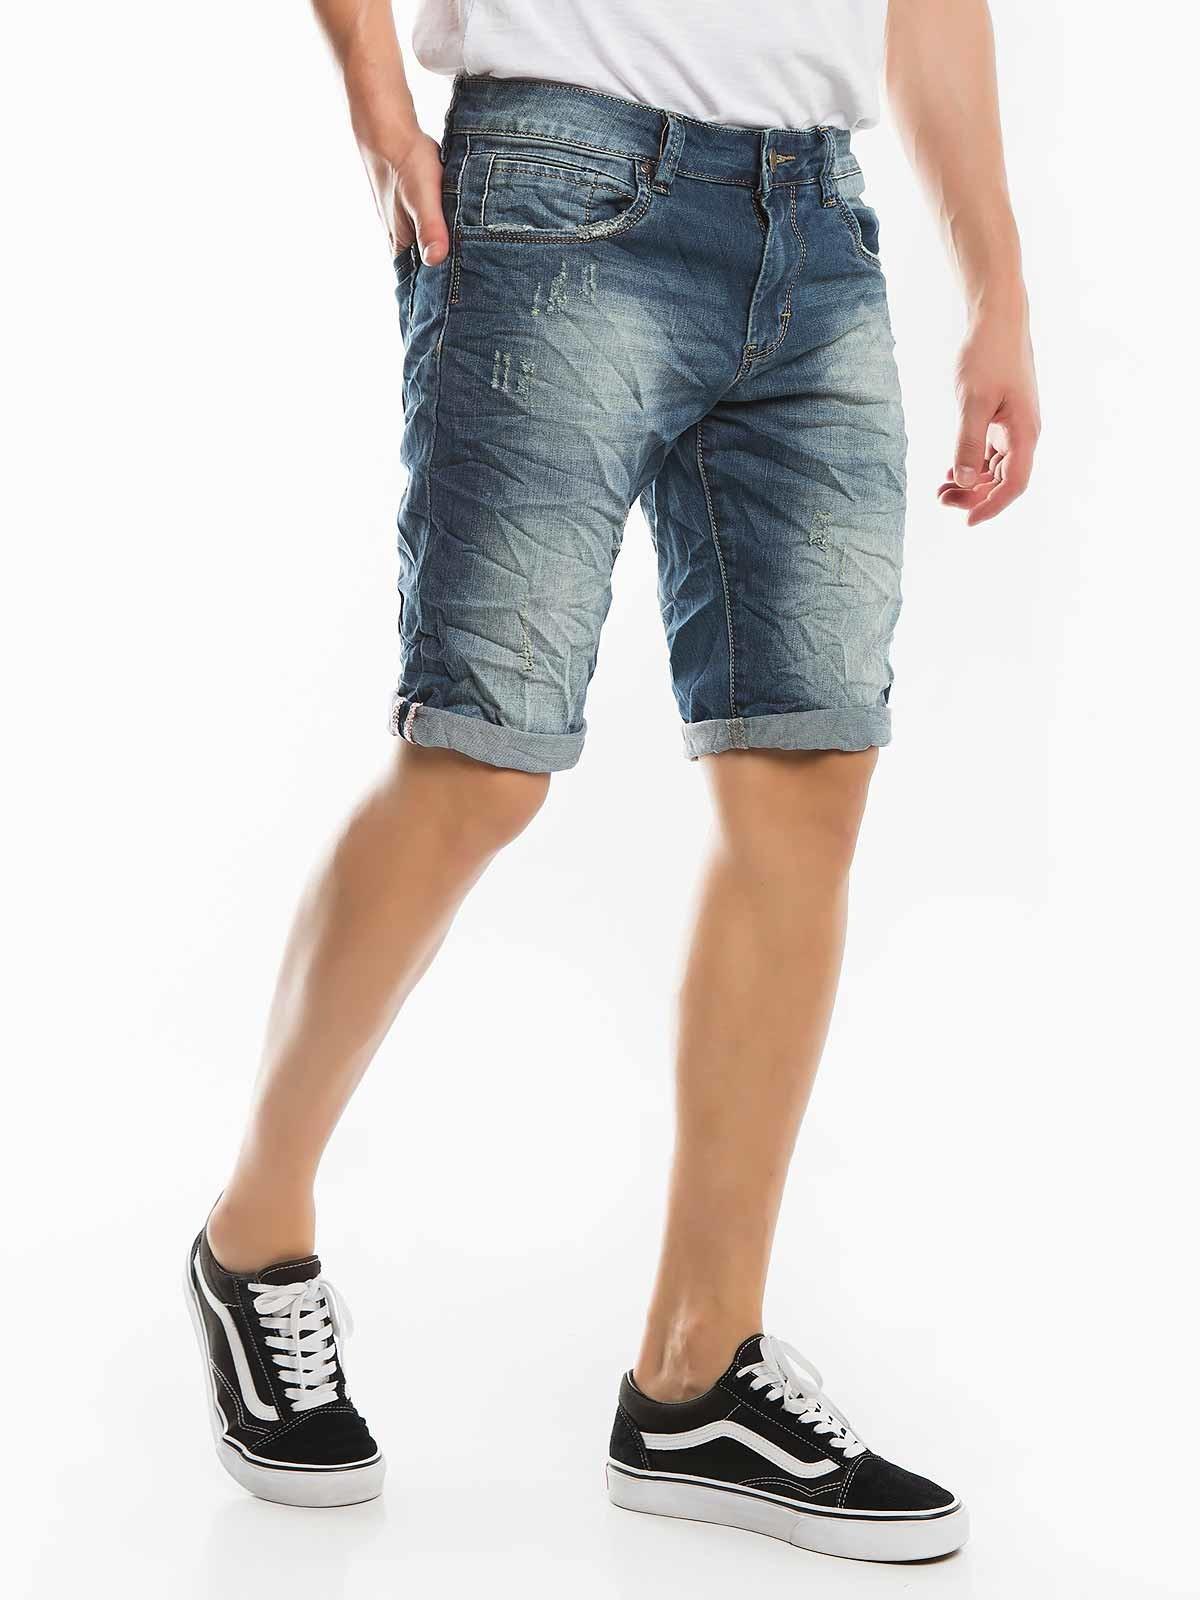 Pantalones cortos de mezclilla manchada rasgada